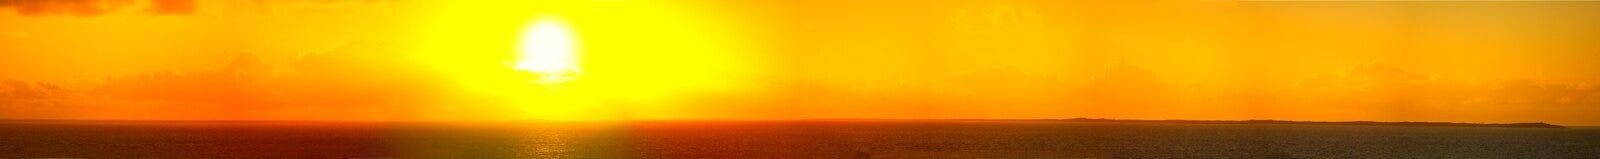 180 graadpanorama van de Bahamas bij zonsopgang Stock Afbeelding